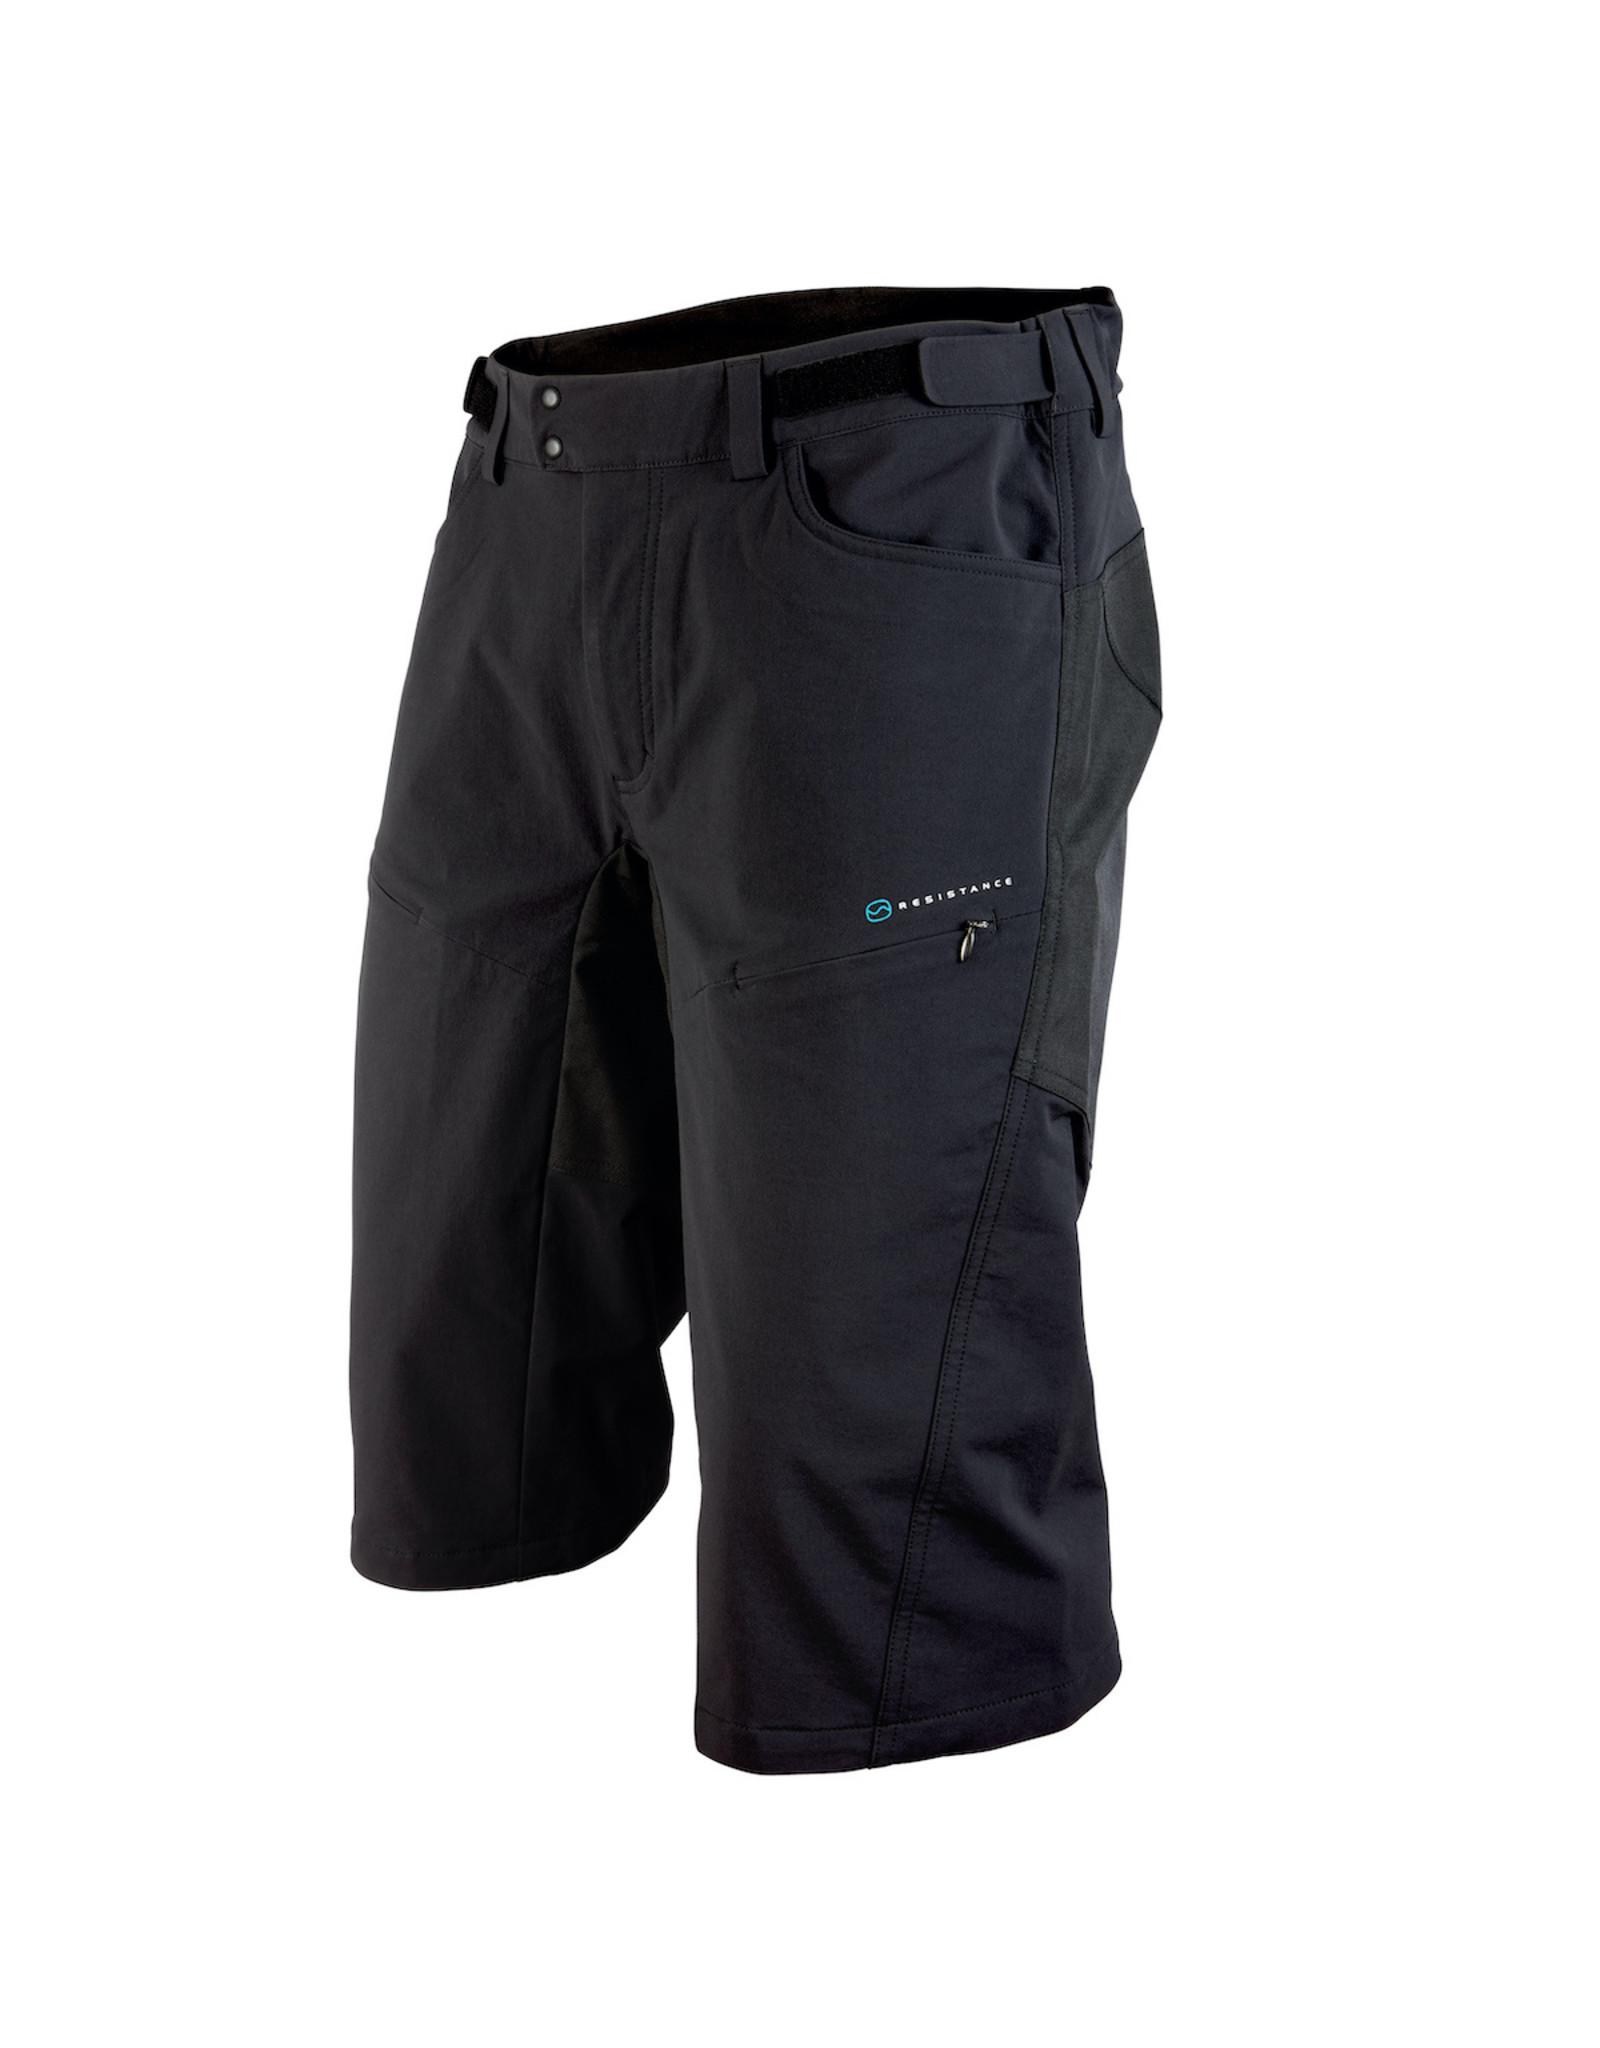 POC POC Essential Downhill Shorts